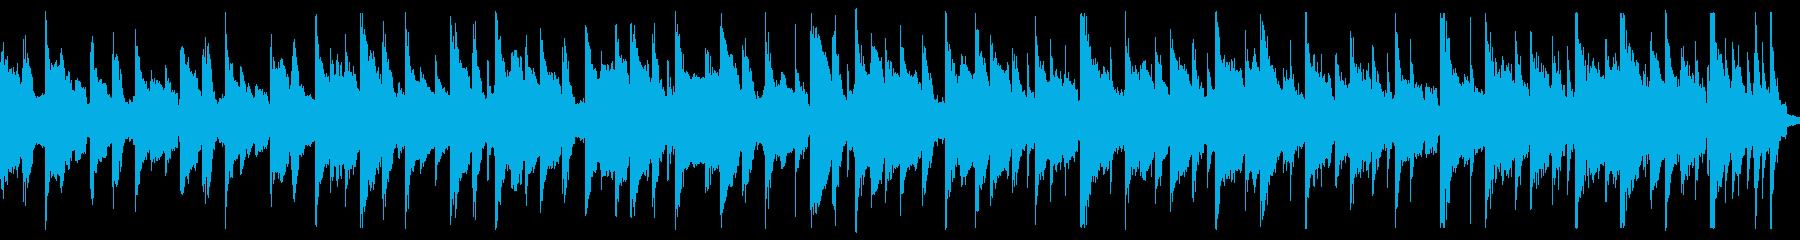 さわやかで軽快な日常系BGM(ループ)の再生済みの波形